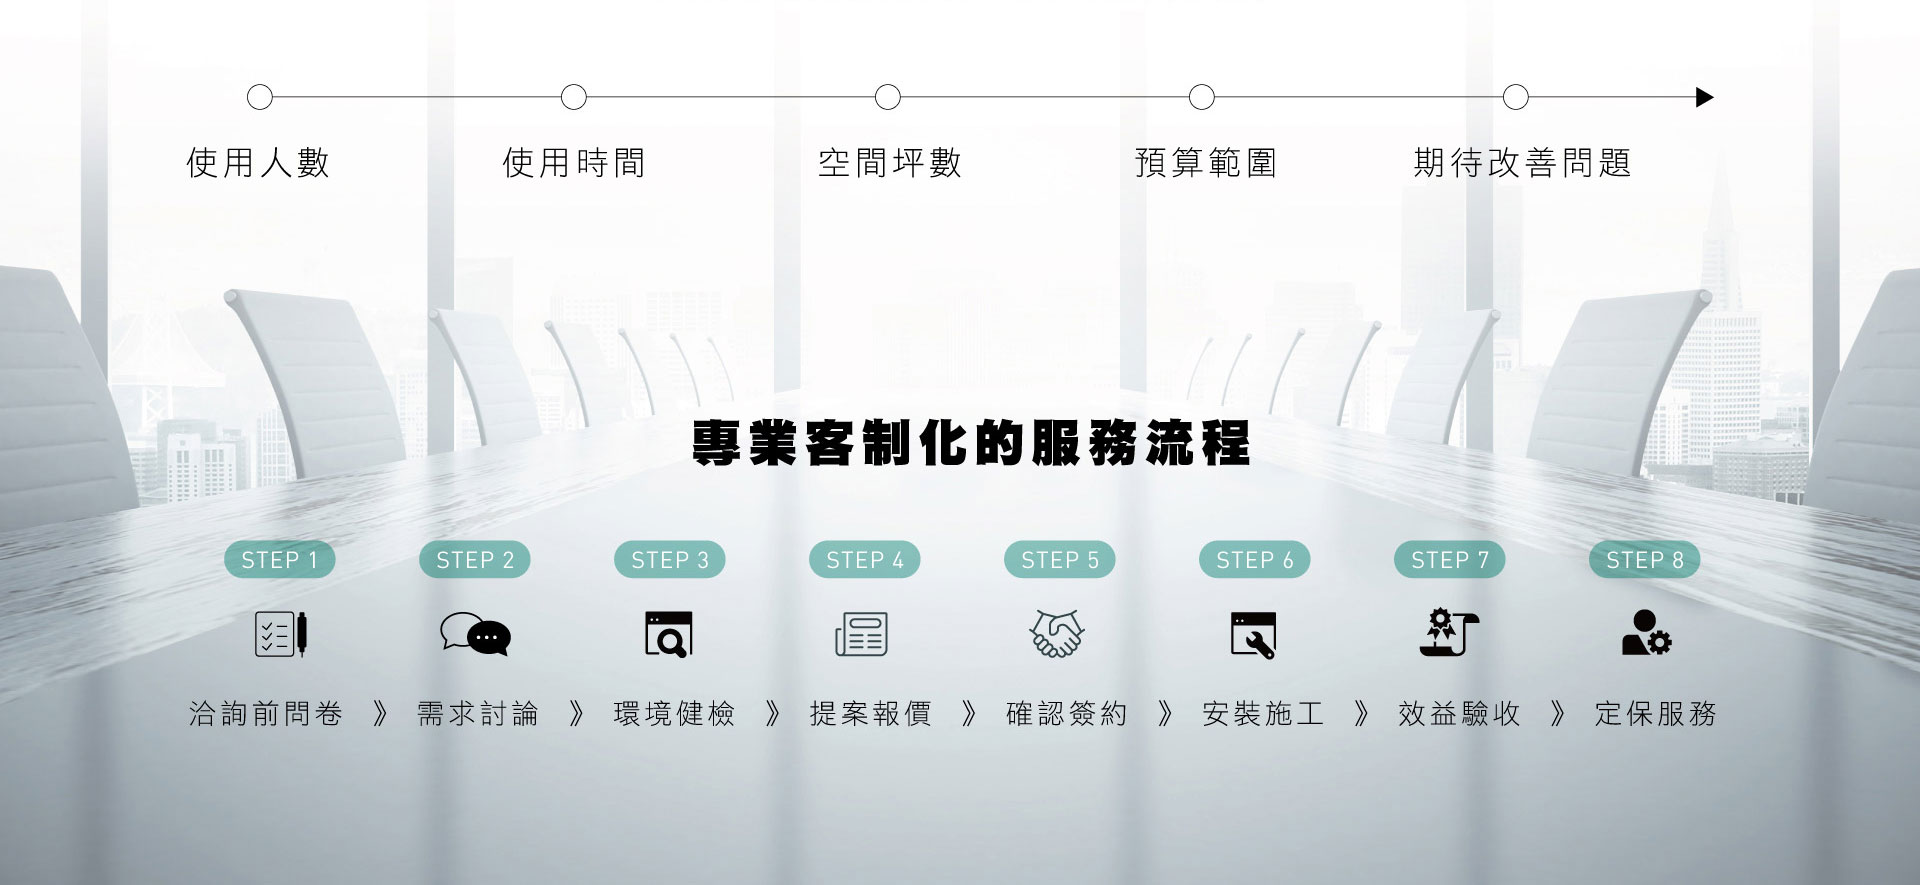 官網商用頁-服務流程-1